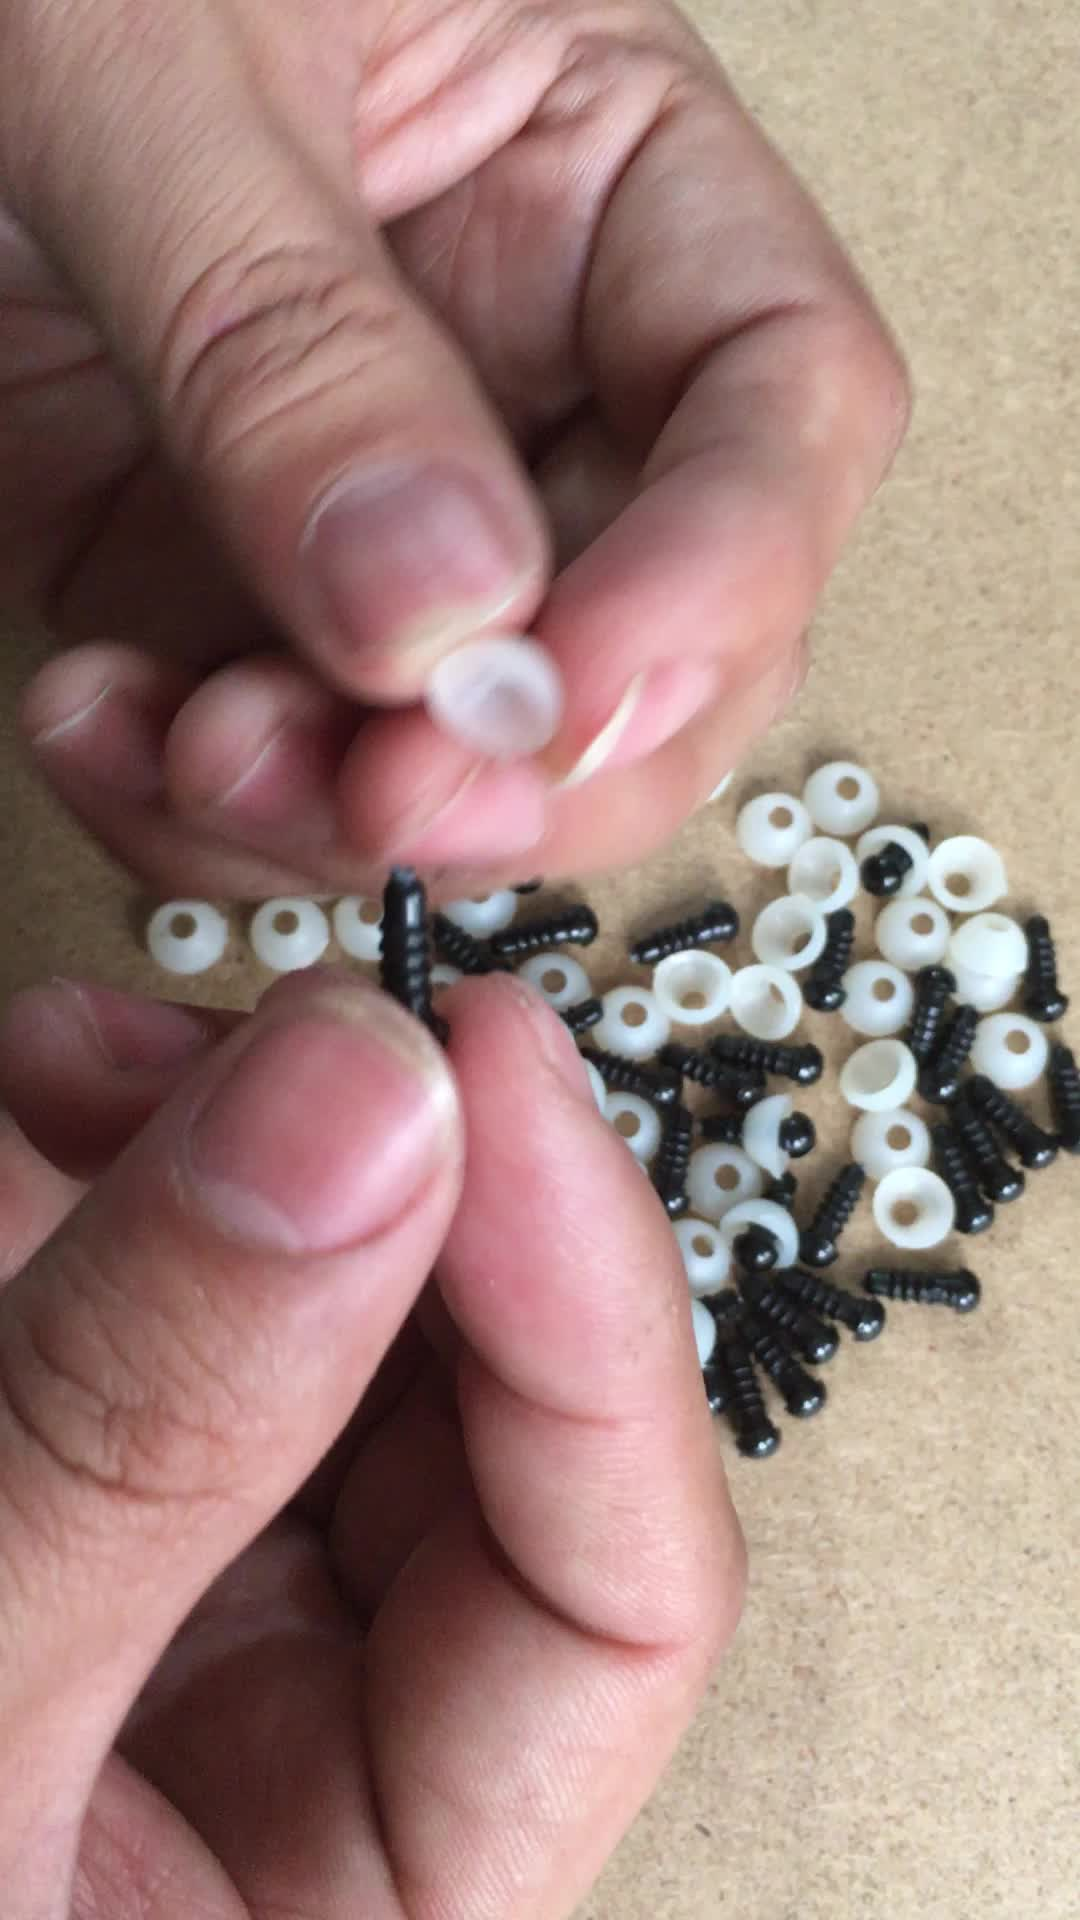 Set Mata dan Hidung Keamanan Plastik, 4Mm Ukuran Bermacam-macam Hitam untuk Boneka, Boneka, Pembuatan Hewan Mewah, dan Beruang Teddy 1000 Buah/Kantong